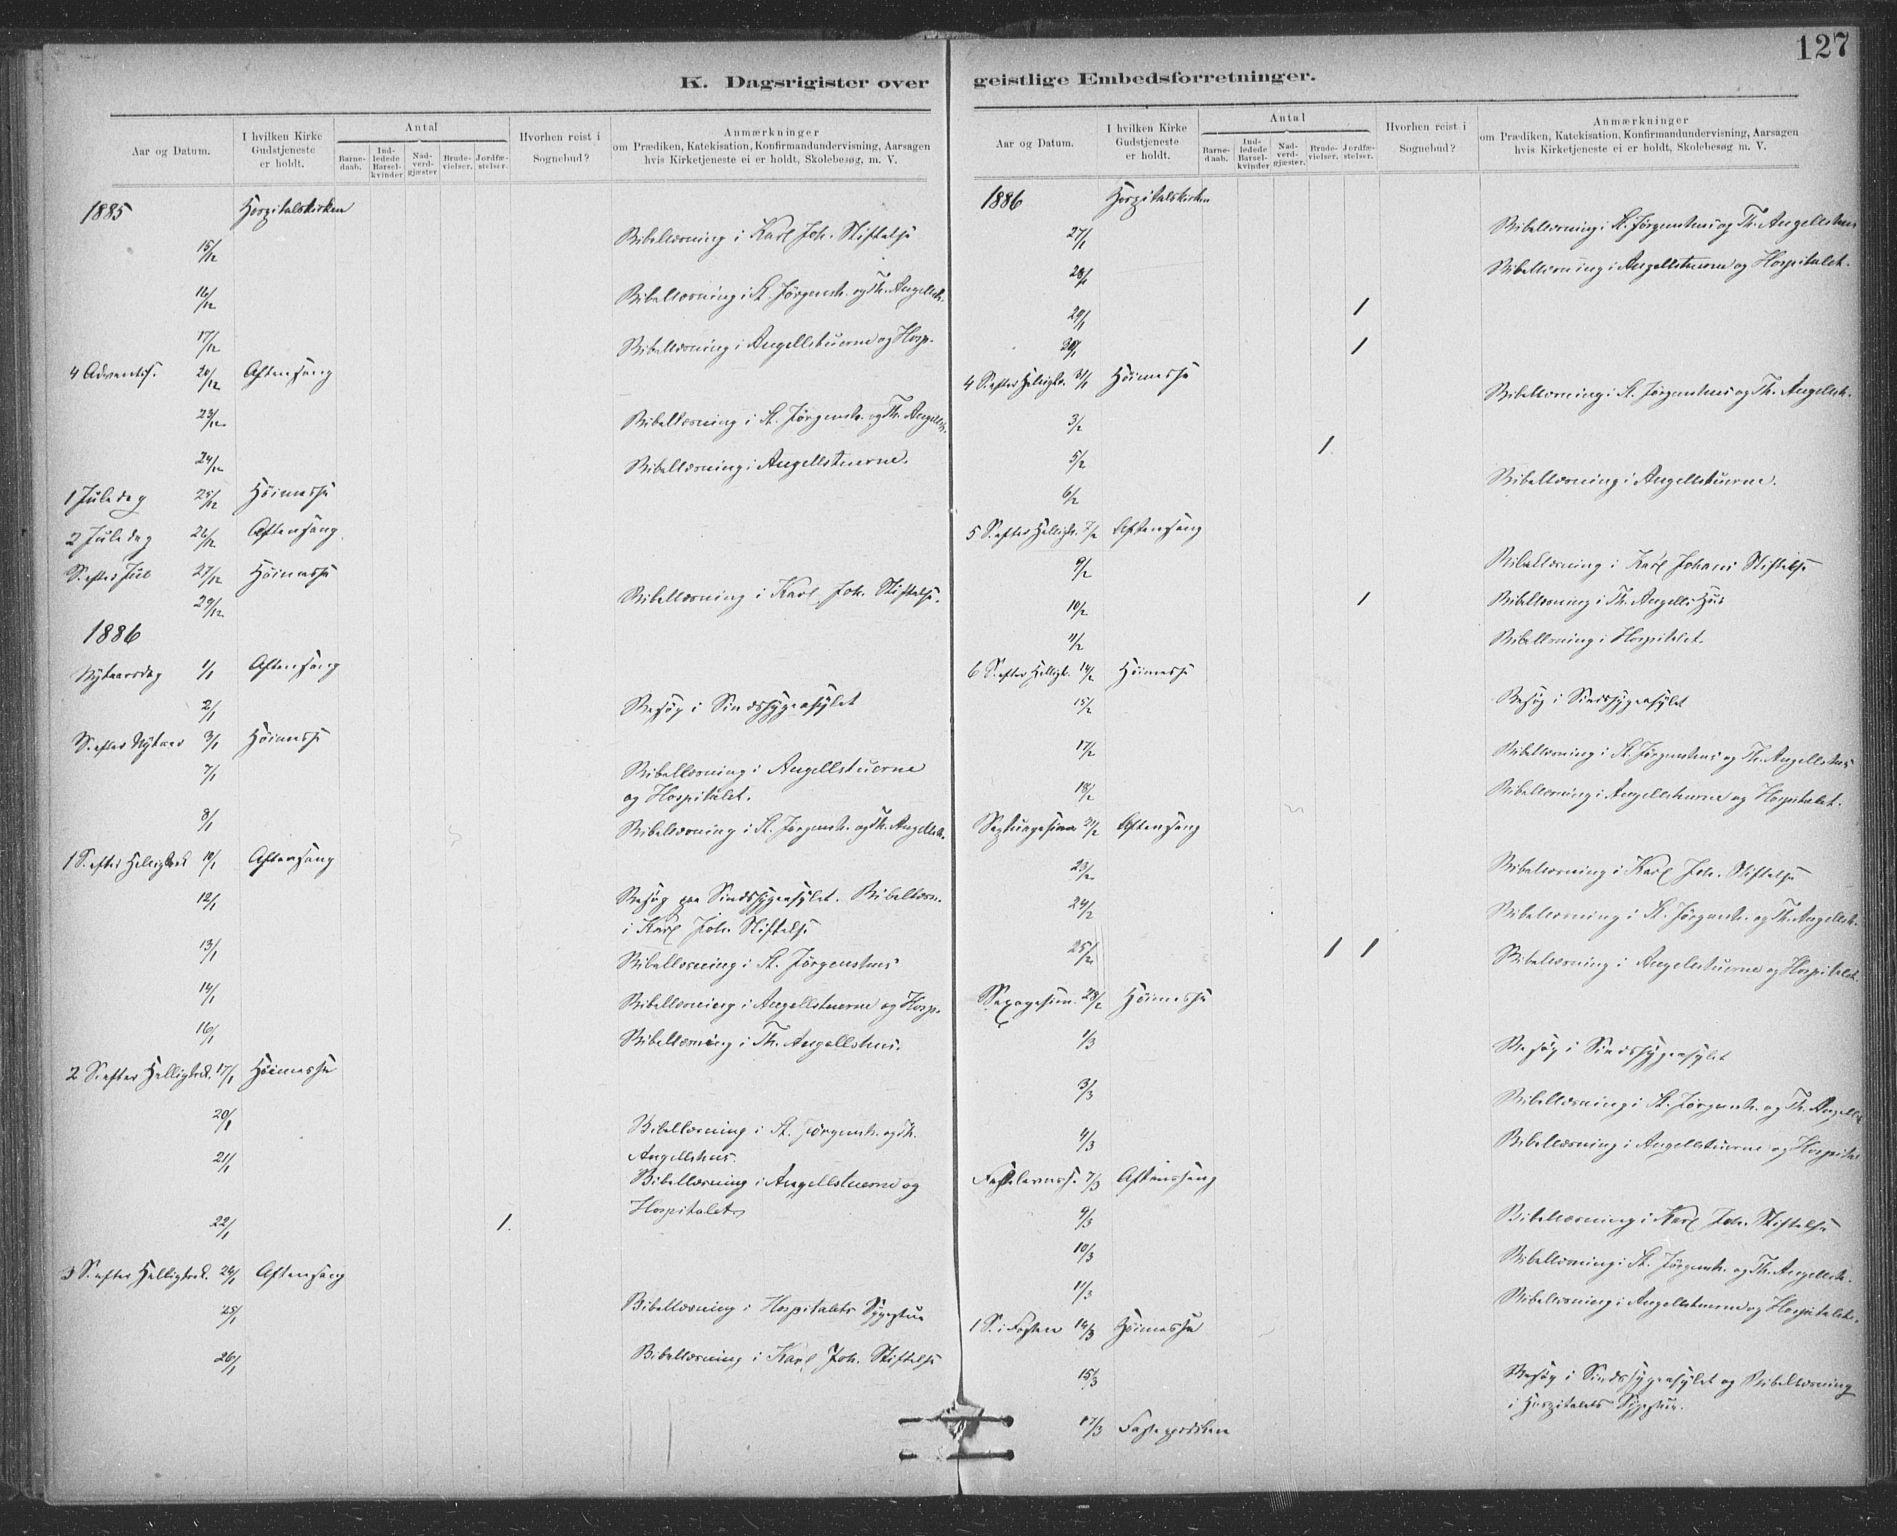 SAT, Ministerialprotokoller, klokkerbøker og fødselsregistre - Sør-Trøndelag, 623/L0470: Ministerialbok nr. 623A04, 1884-1938, s. 127